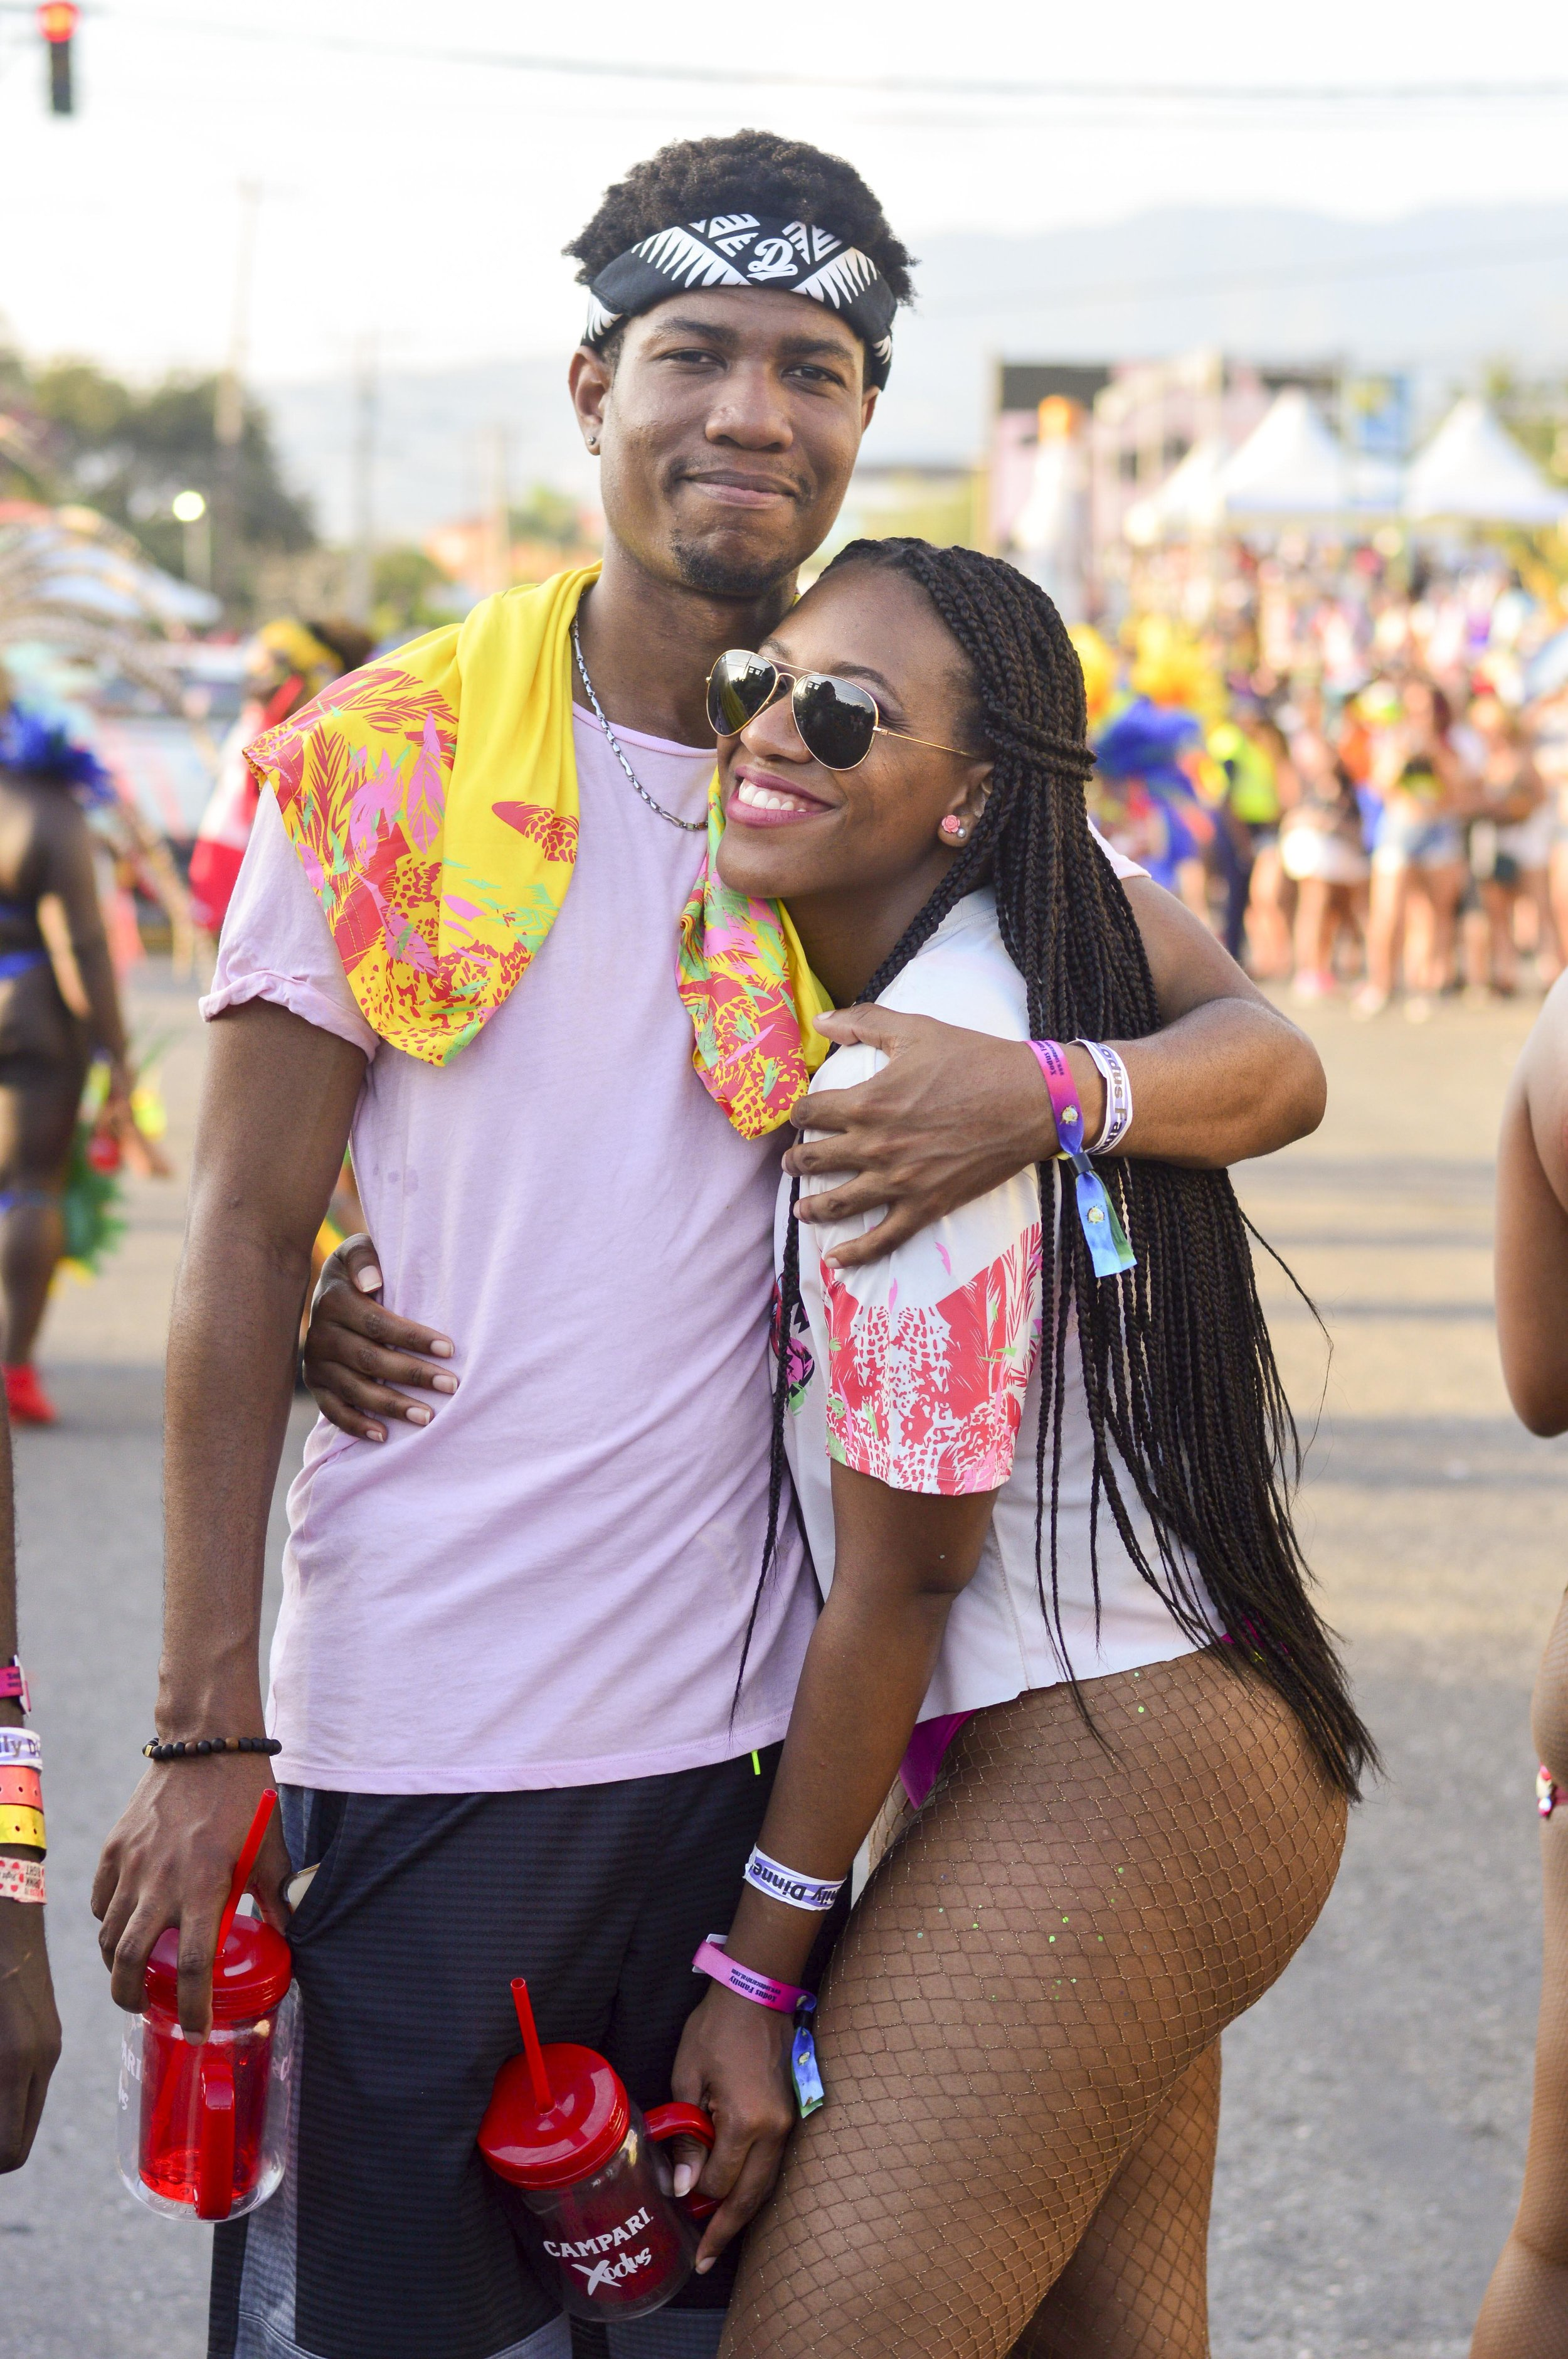 carnival2019_jeanalindo-9.jpg